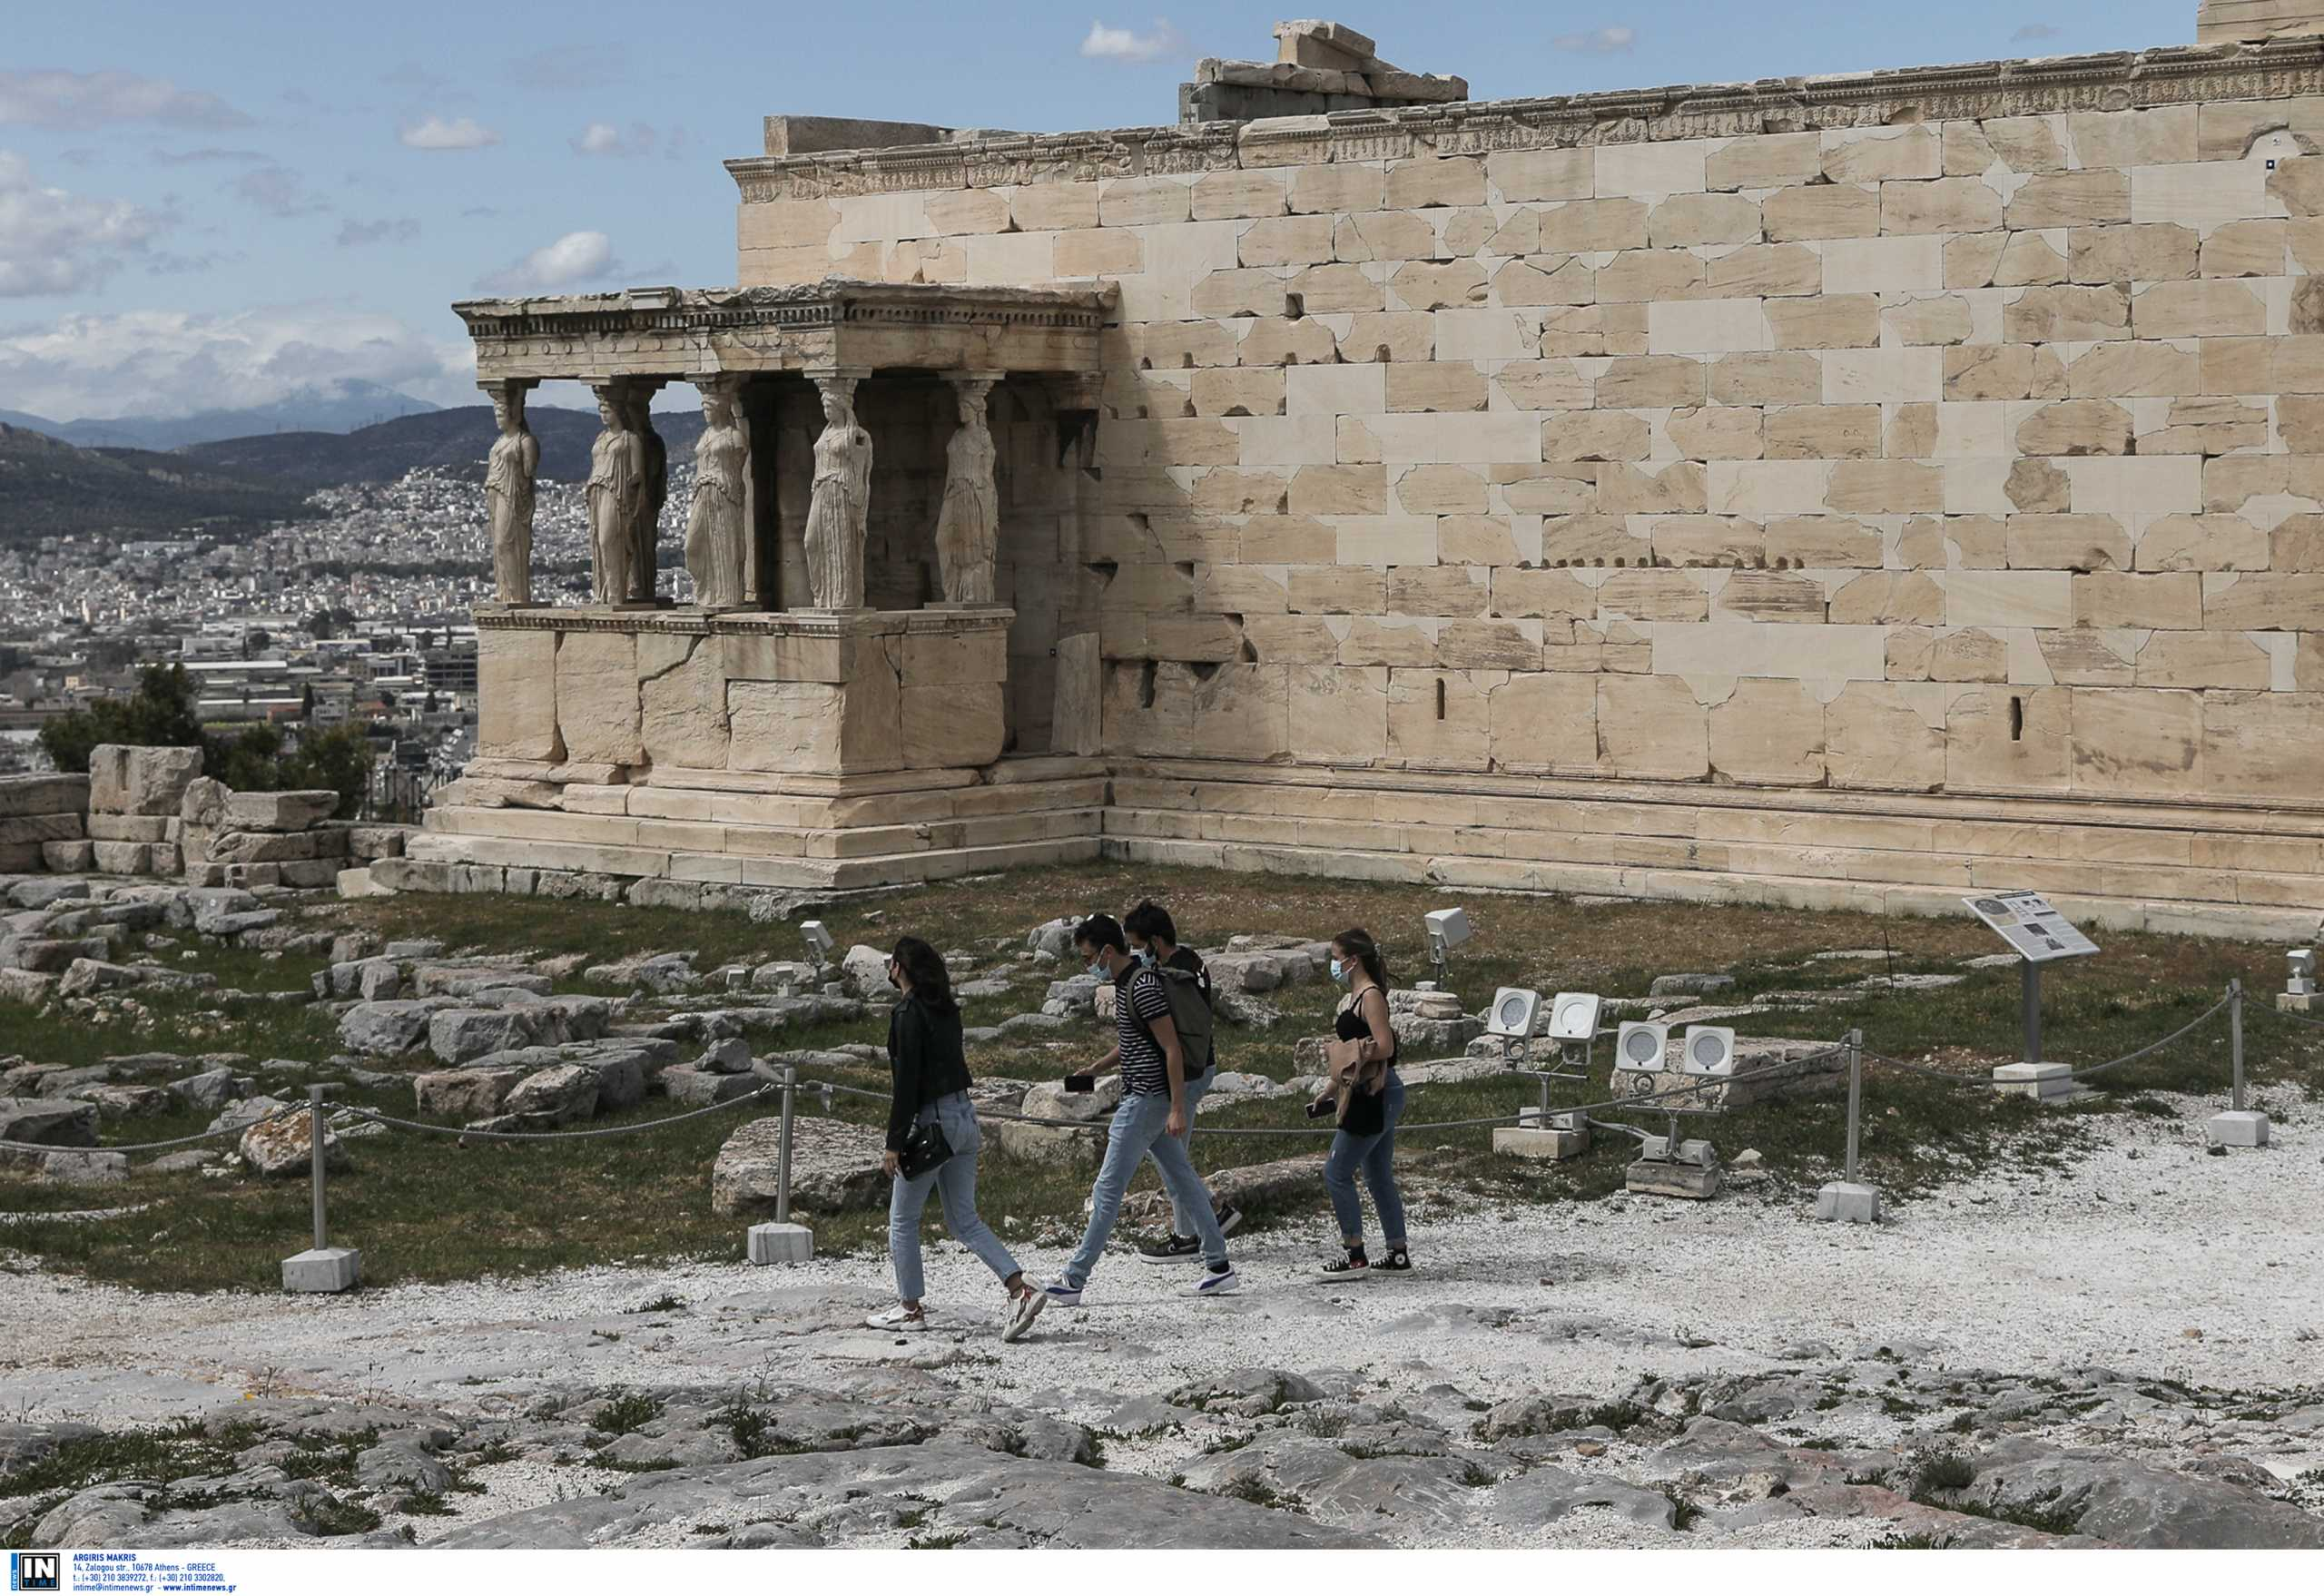 Υπουργείο Πολιτισμού: Fake news του ΣΥΡΙΖΑ – Αυτές είναι οι πινακίδες της Ακρόπολης